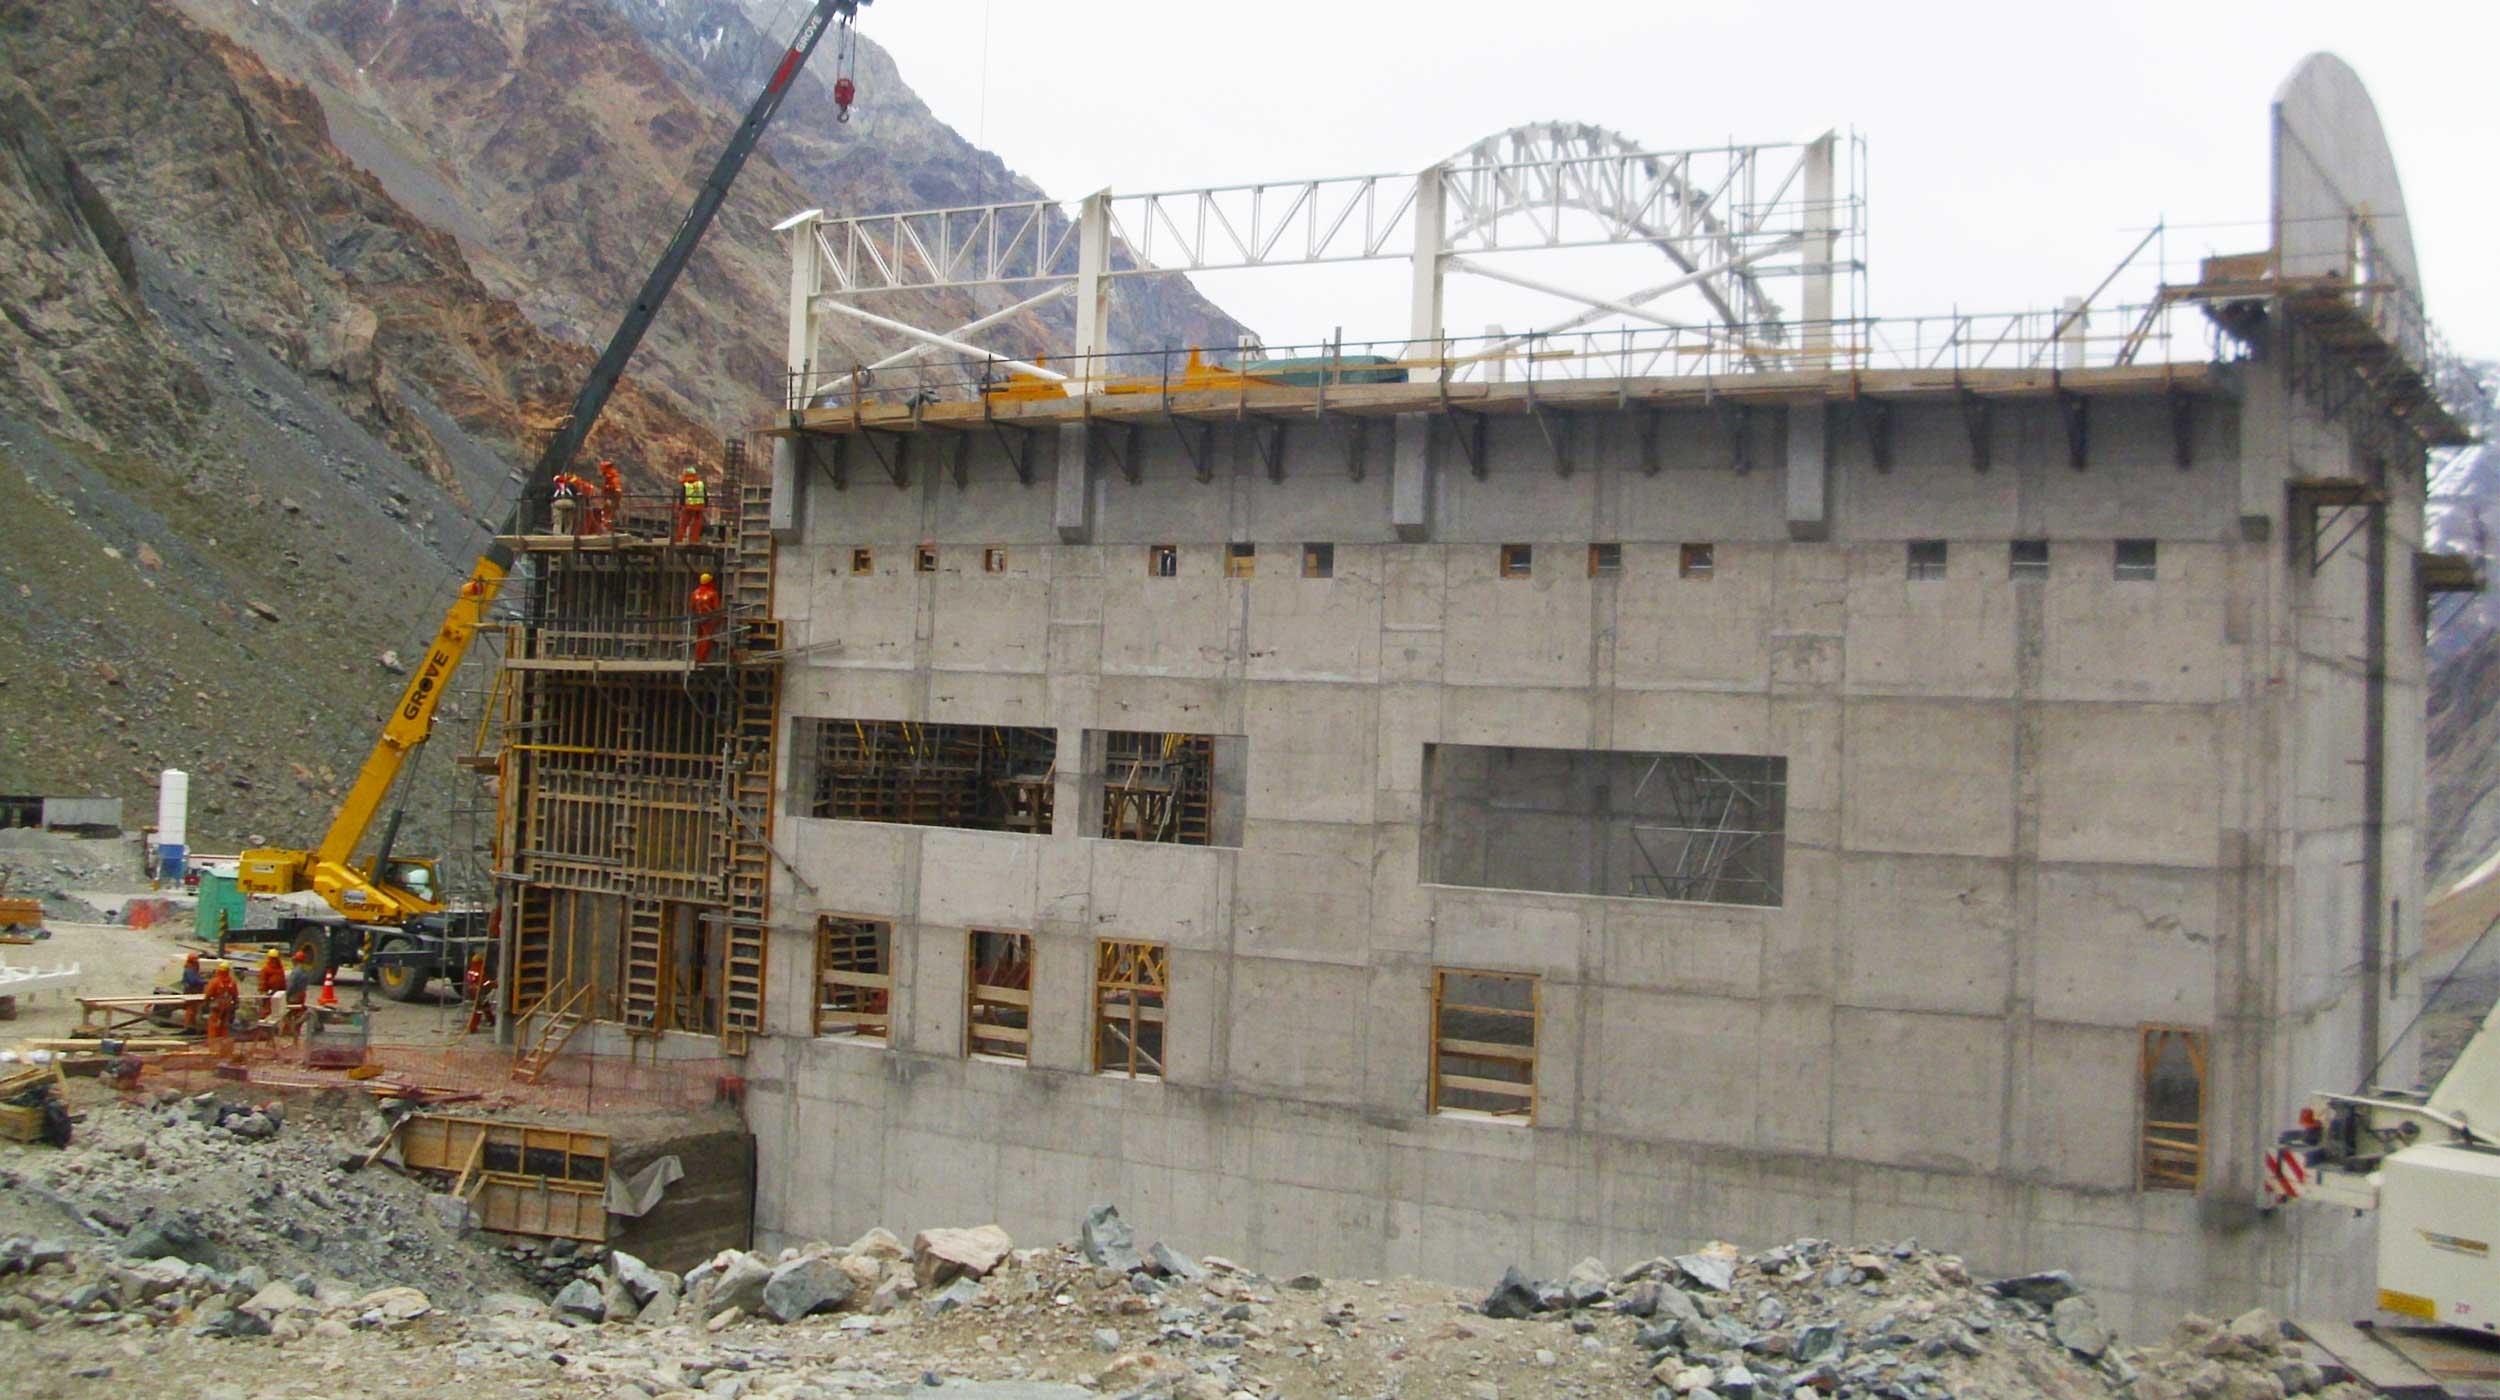 Se ubica a unos 70 kilómetros al noroeste de la ciudad de San Fernando, consiste en la construcción y operación de una central hidroeléctrica en el río San Andrés.